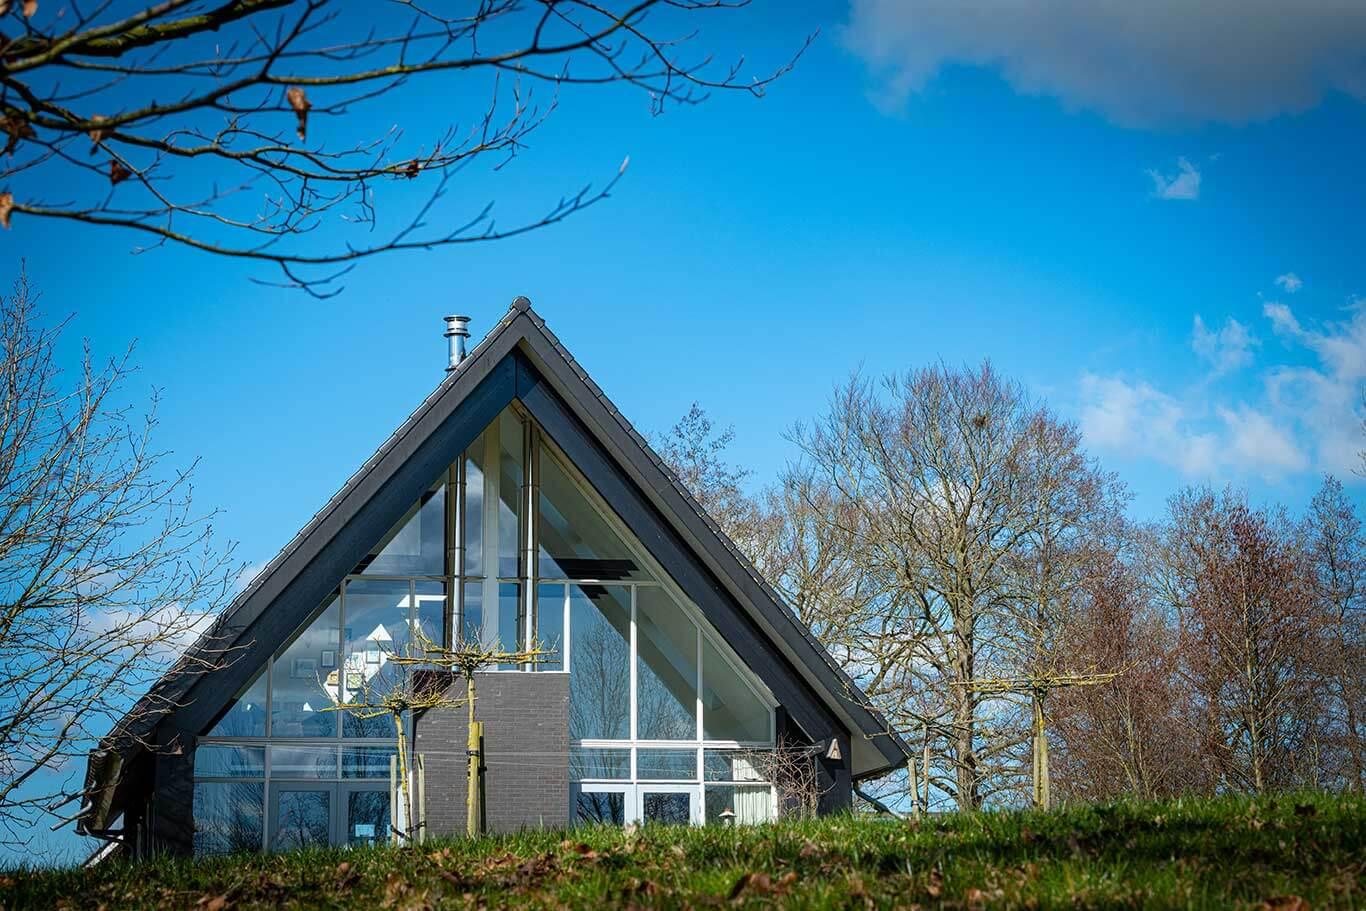 hesselmann-oldeberkoop-woonhuis-exterieur-5.jpg